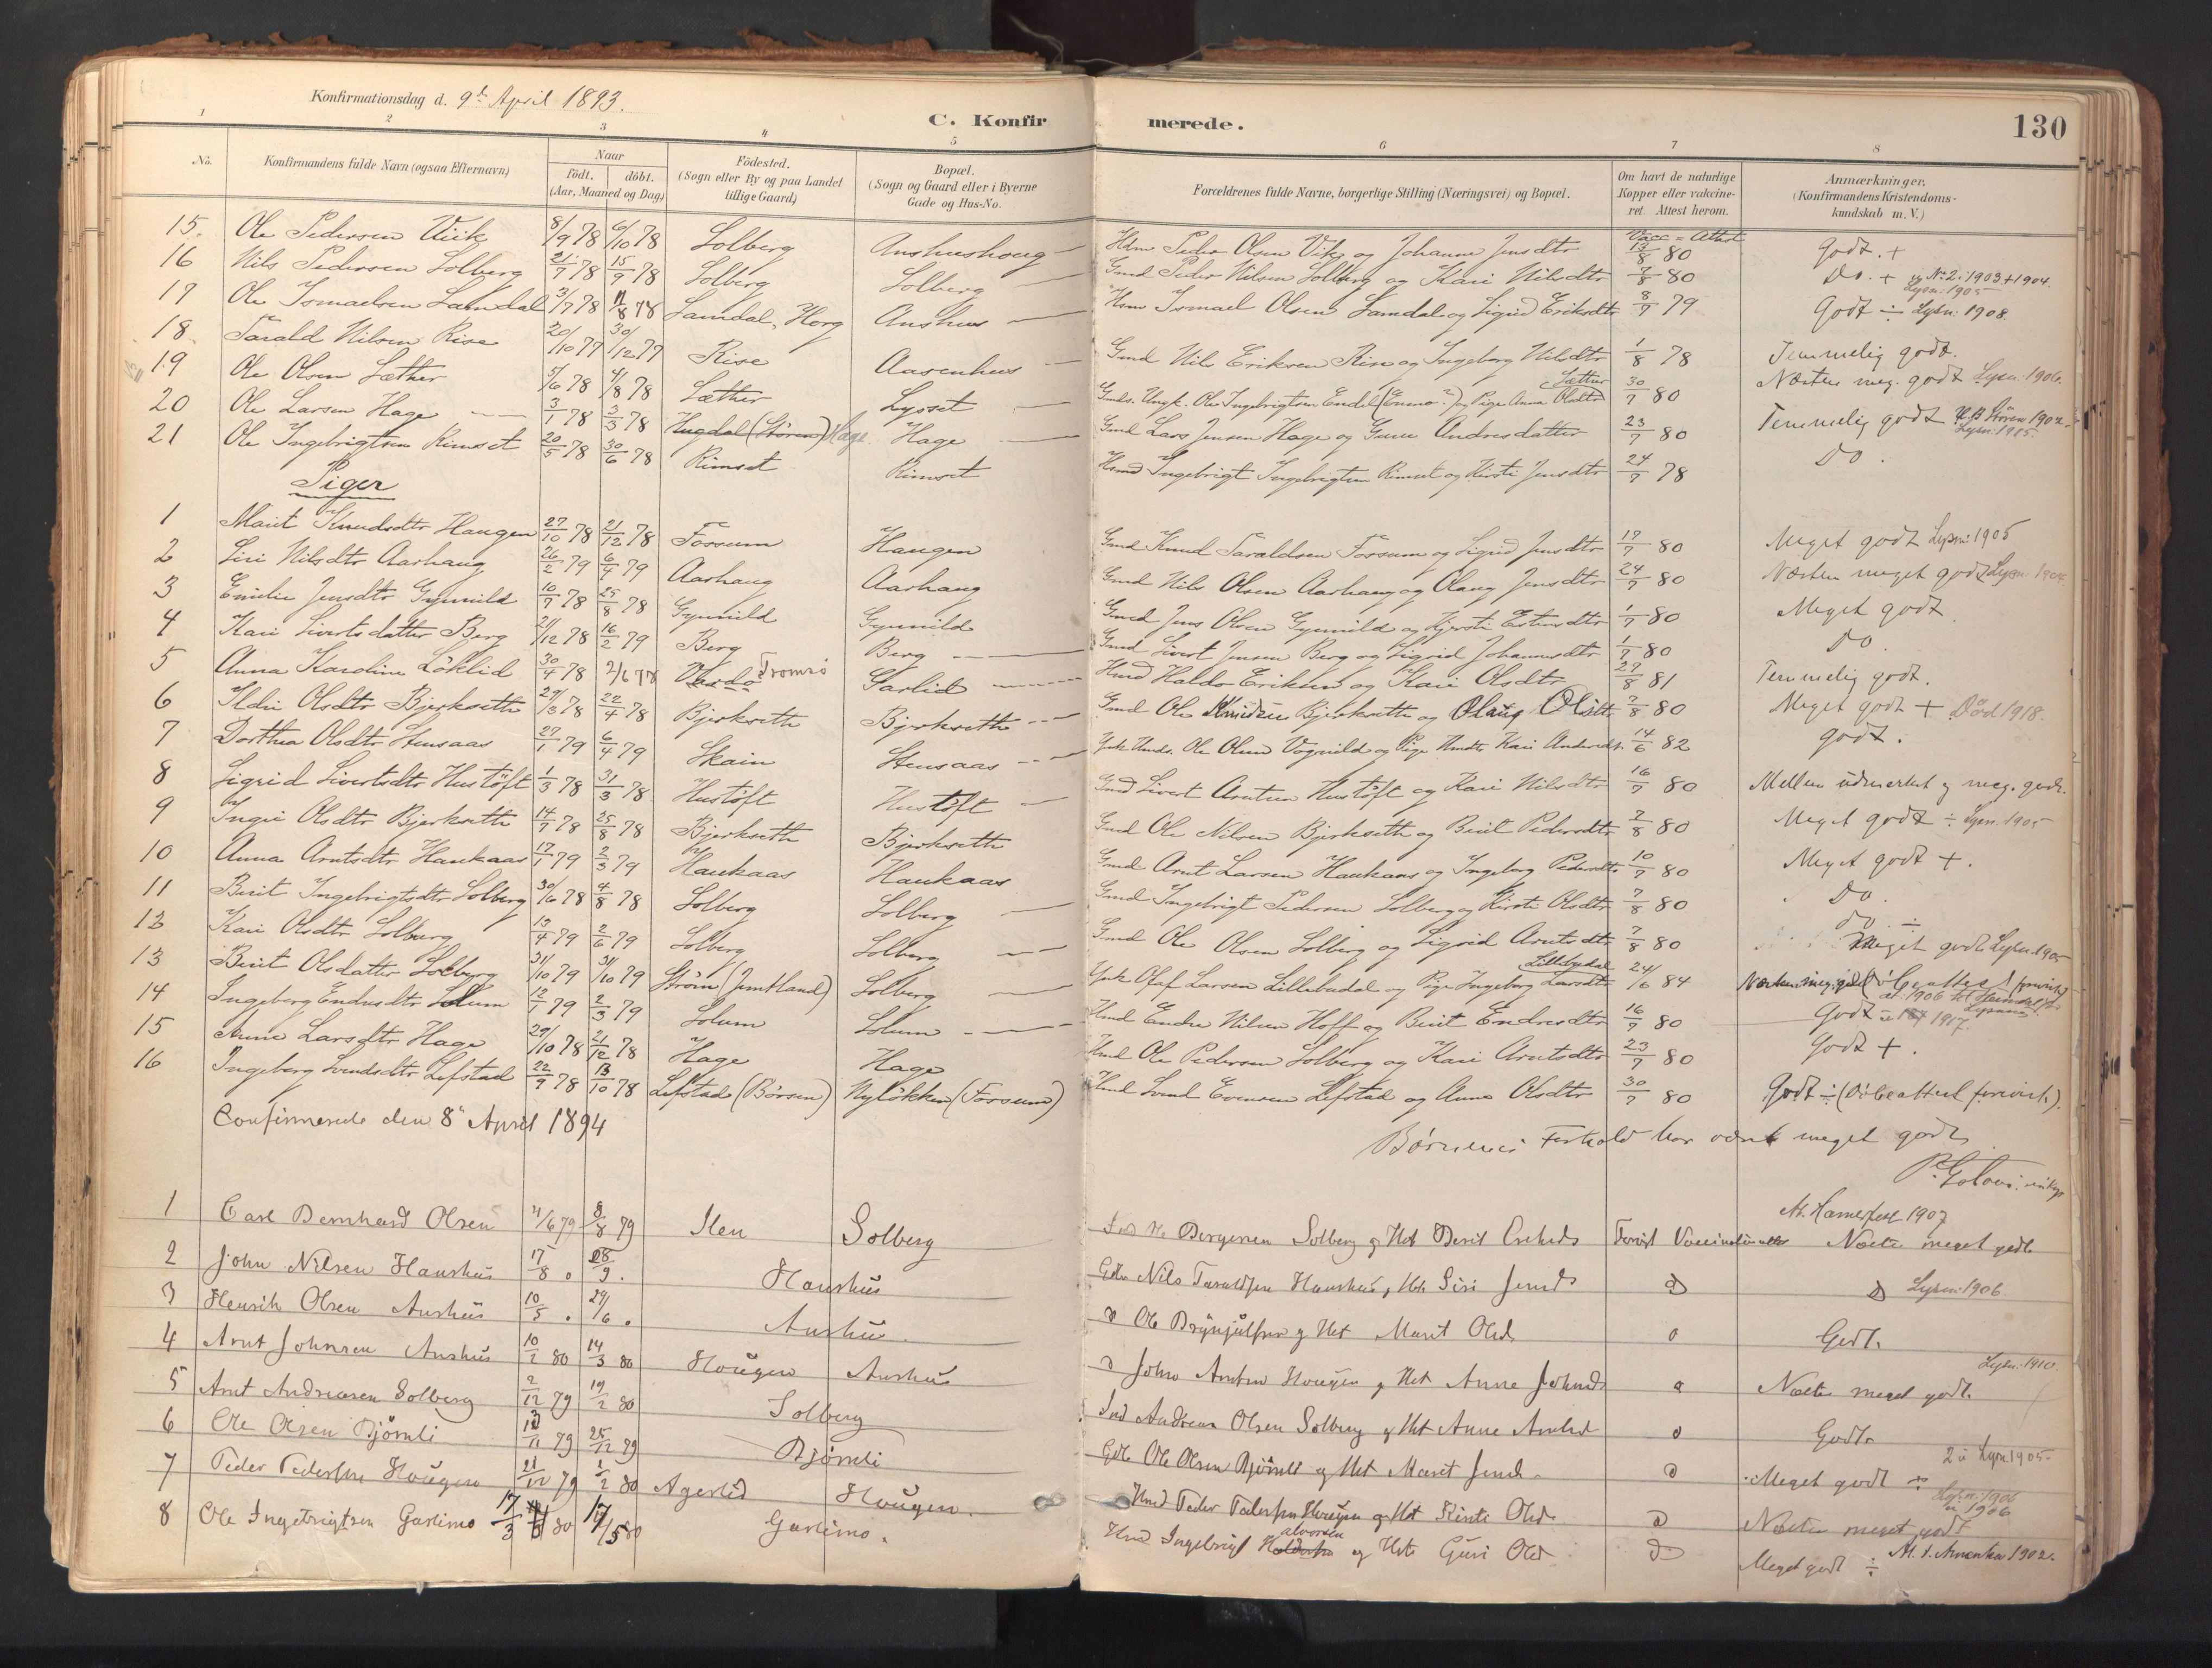 SAT, Ministerialprotokoller, klokkerbøker og fødselsregistre - Sør-Trøndelag, 689/L1041: Ministerialbok nr. 689A06, 1891-1923, s. 130